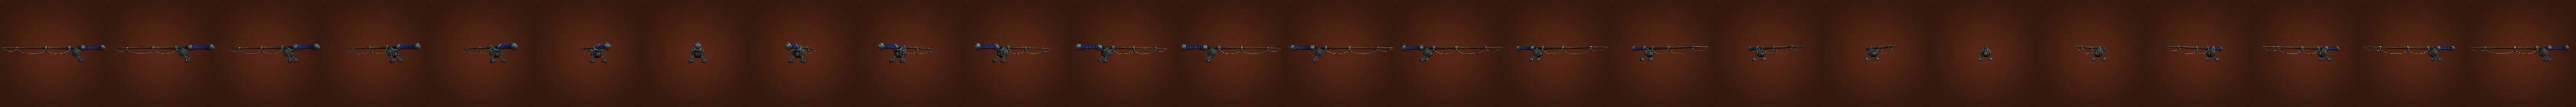 Draenische Angelrute Gegenstände World of Warcraft